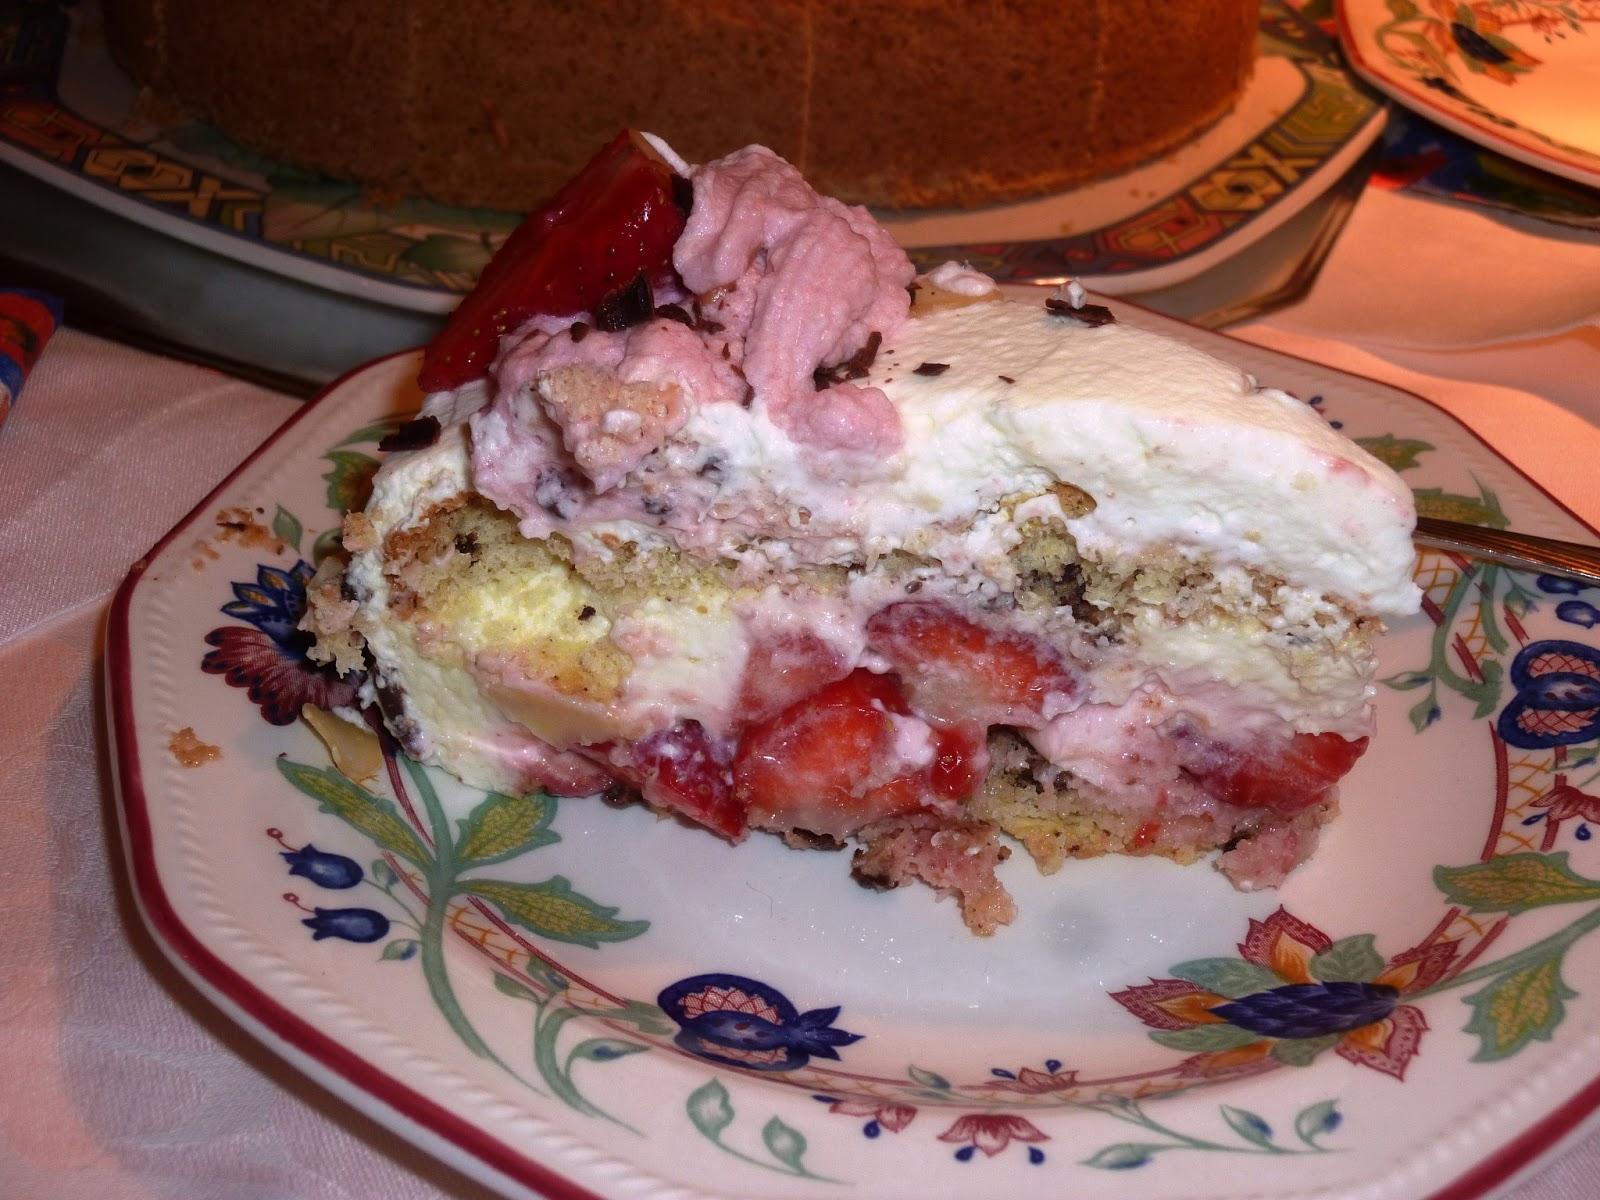 En la sobremesa de María: Pastel de fresas. Una deliciosa y amigable ...